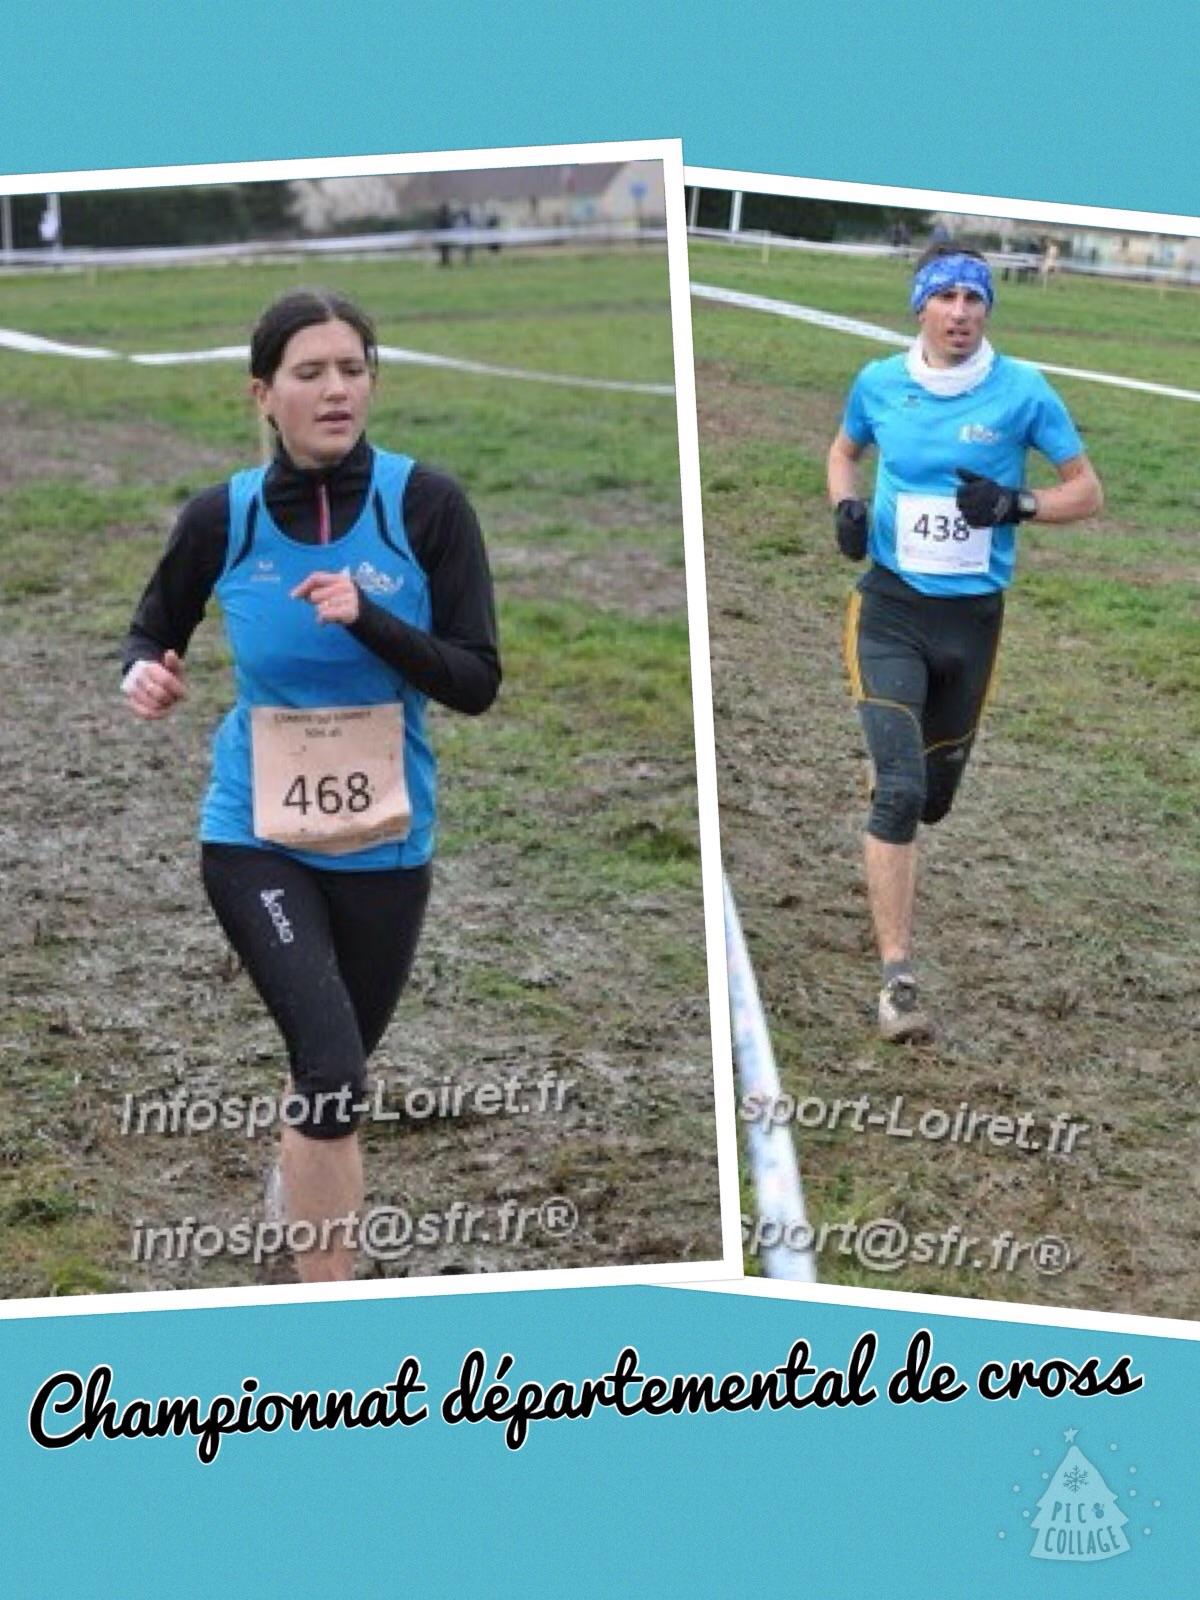 10-01-16 – Championnat départemental de cross country à Gien